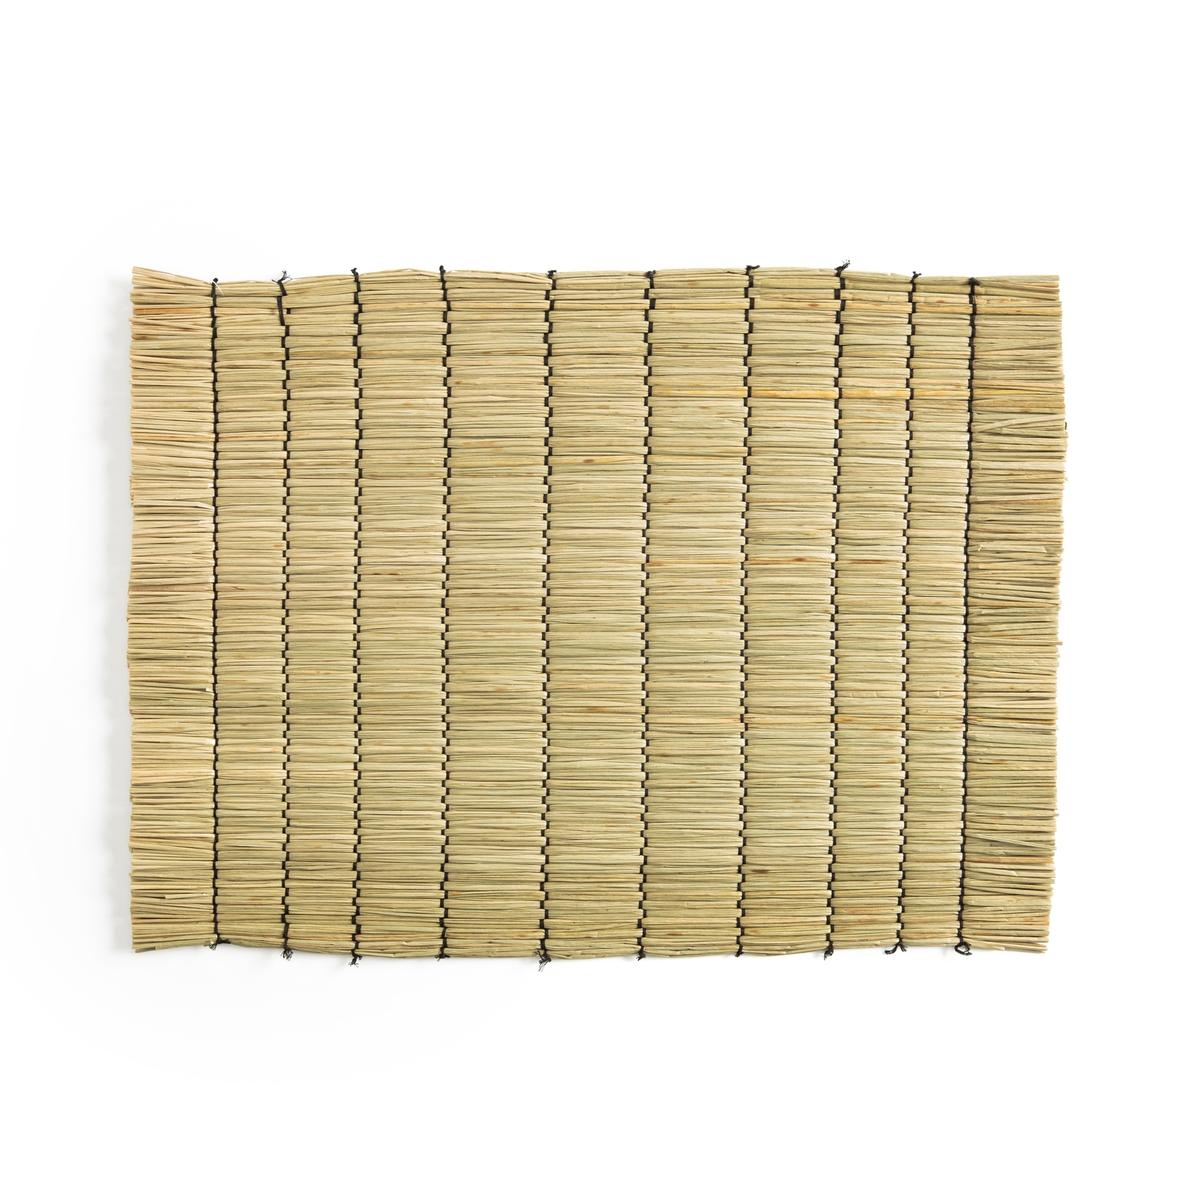 4 подложки под столовые приборы Tanaka By В.Барковски подставка под столовые приборы flor 2 пр quelle vigar 1035853